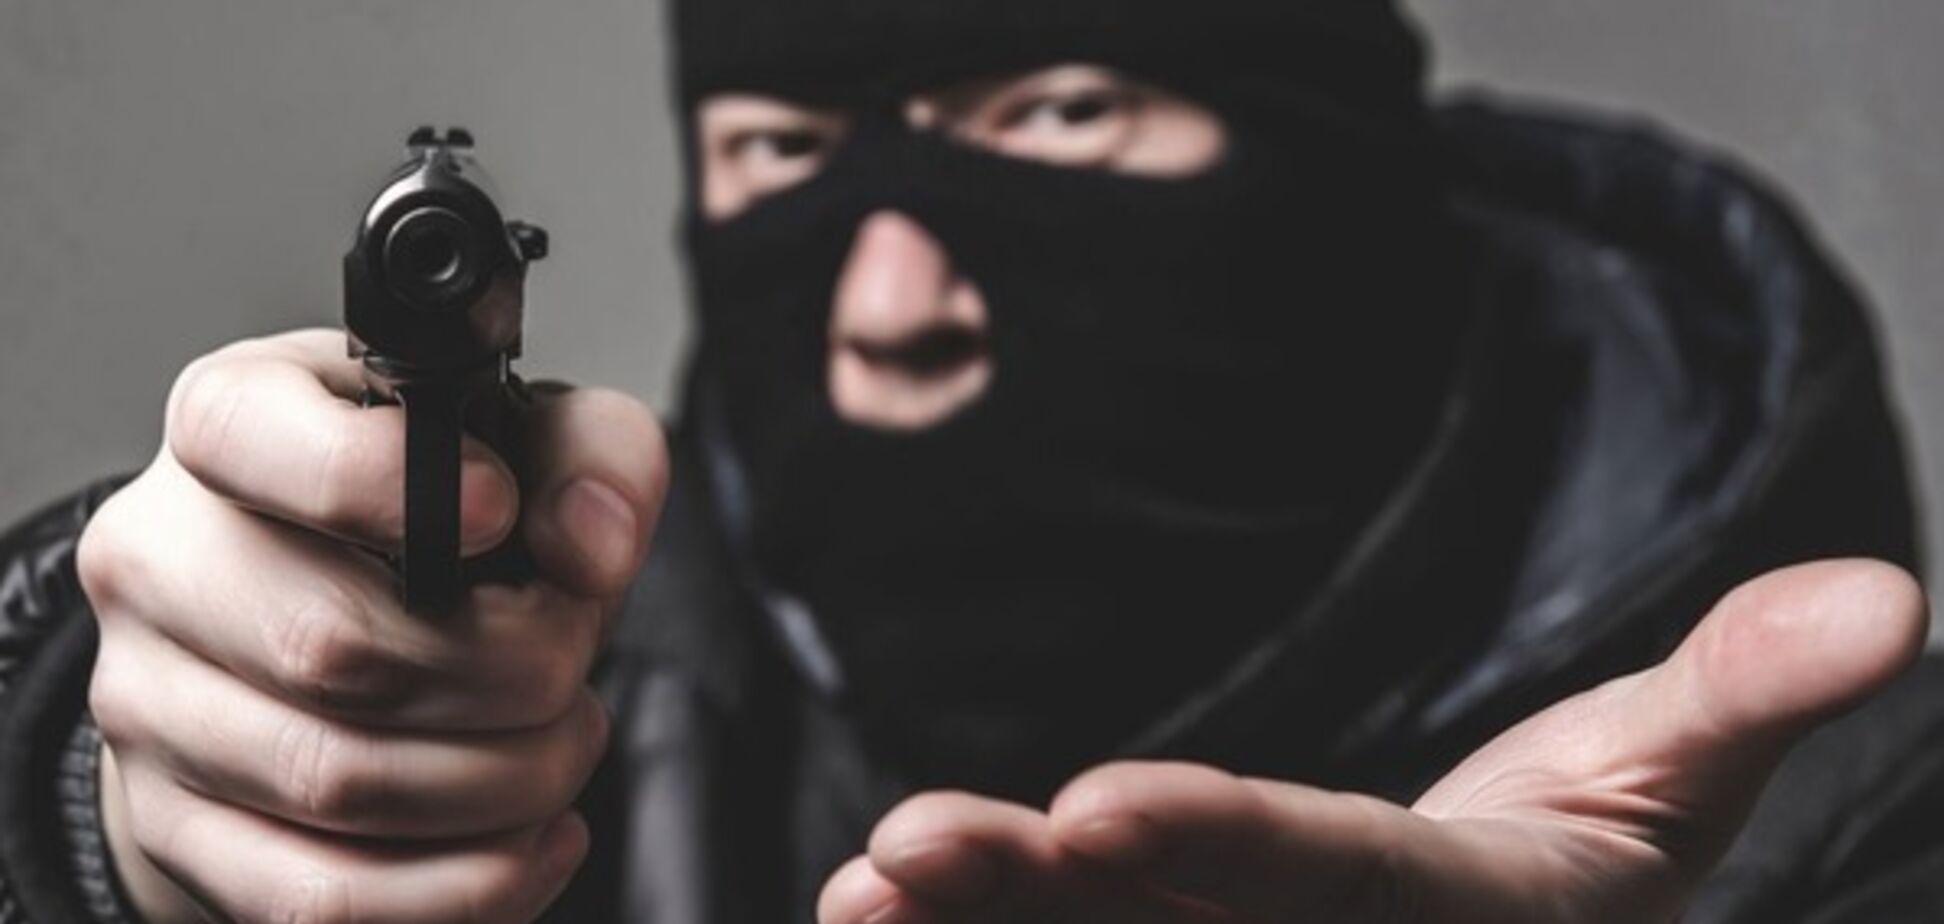 Двум иностранцам грозит тюрьма за вооруженный грабеж в Днепре